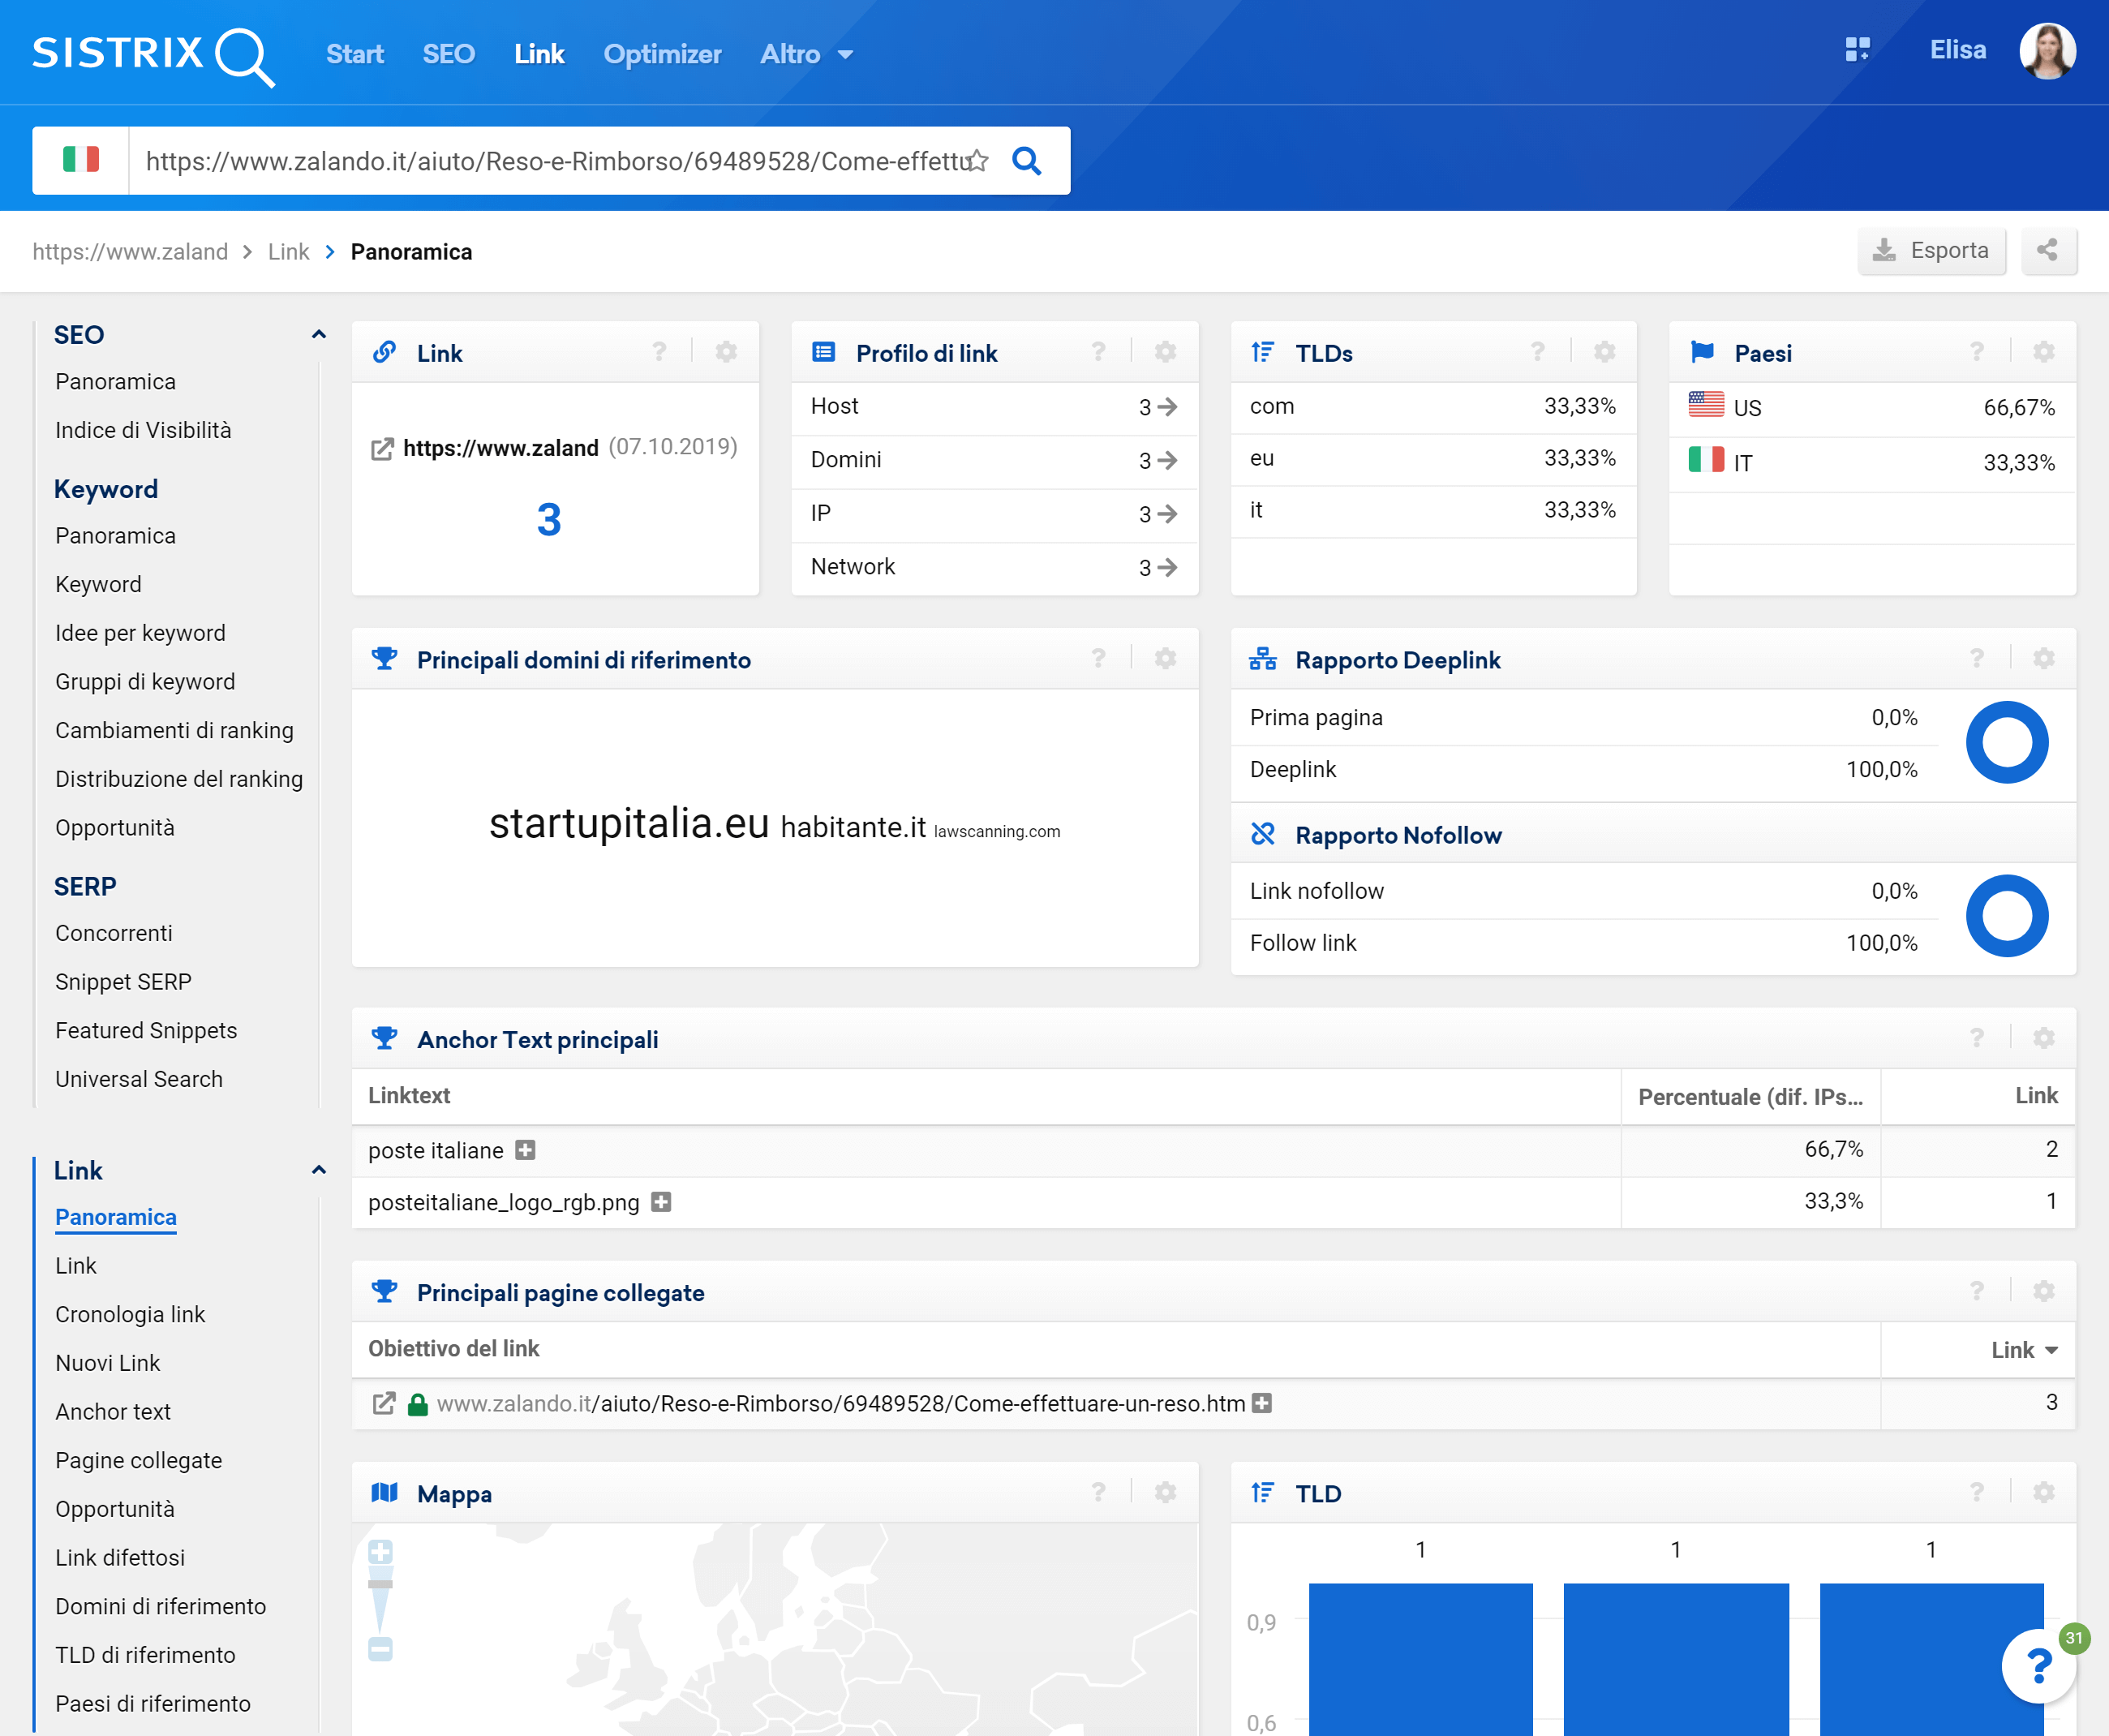 Toolbox SISTRIX: link di un URL